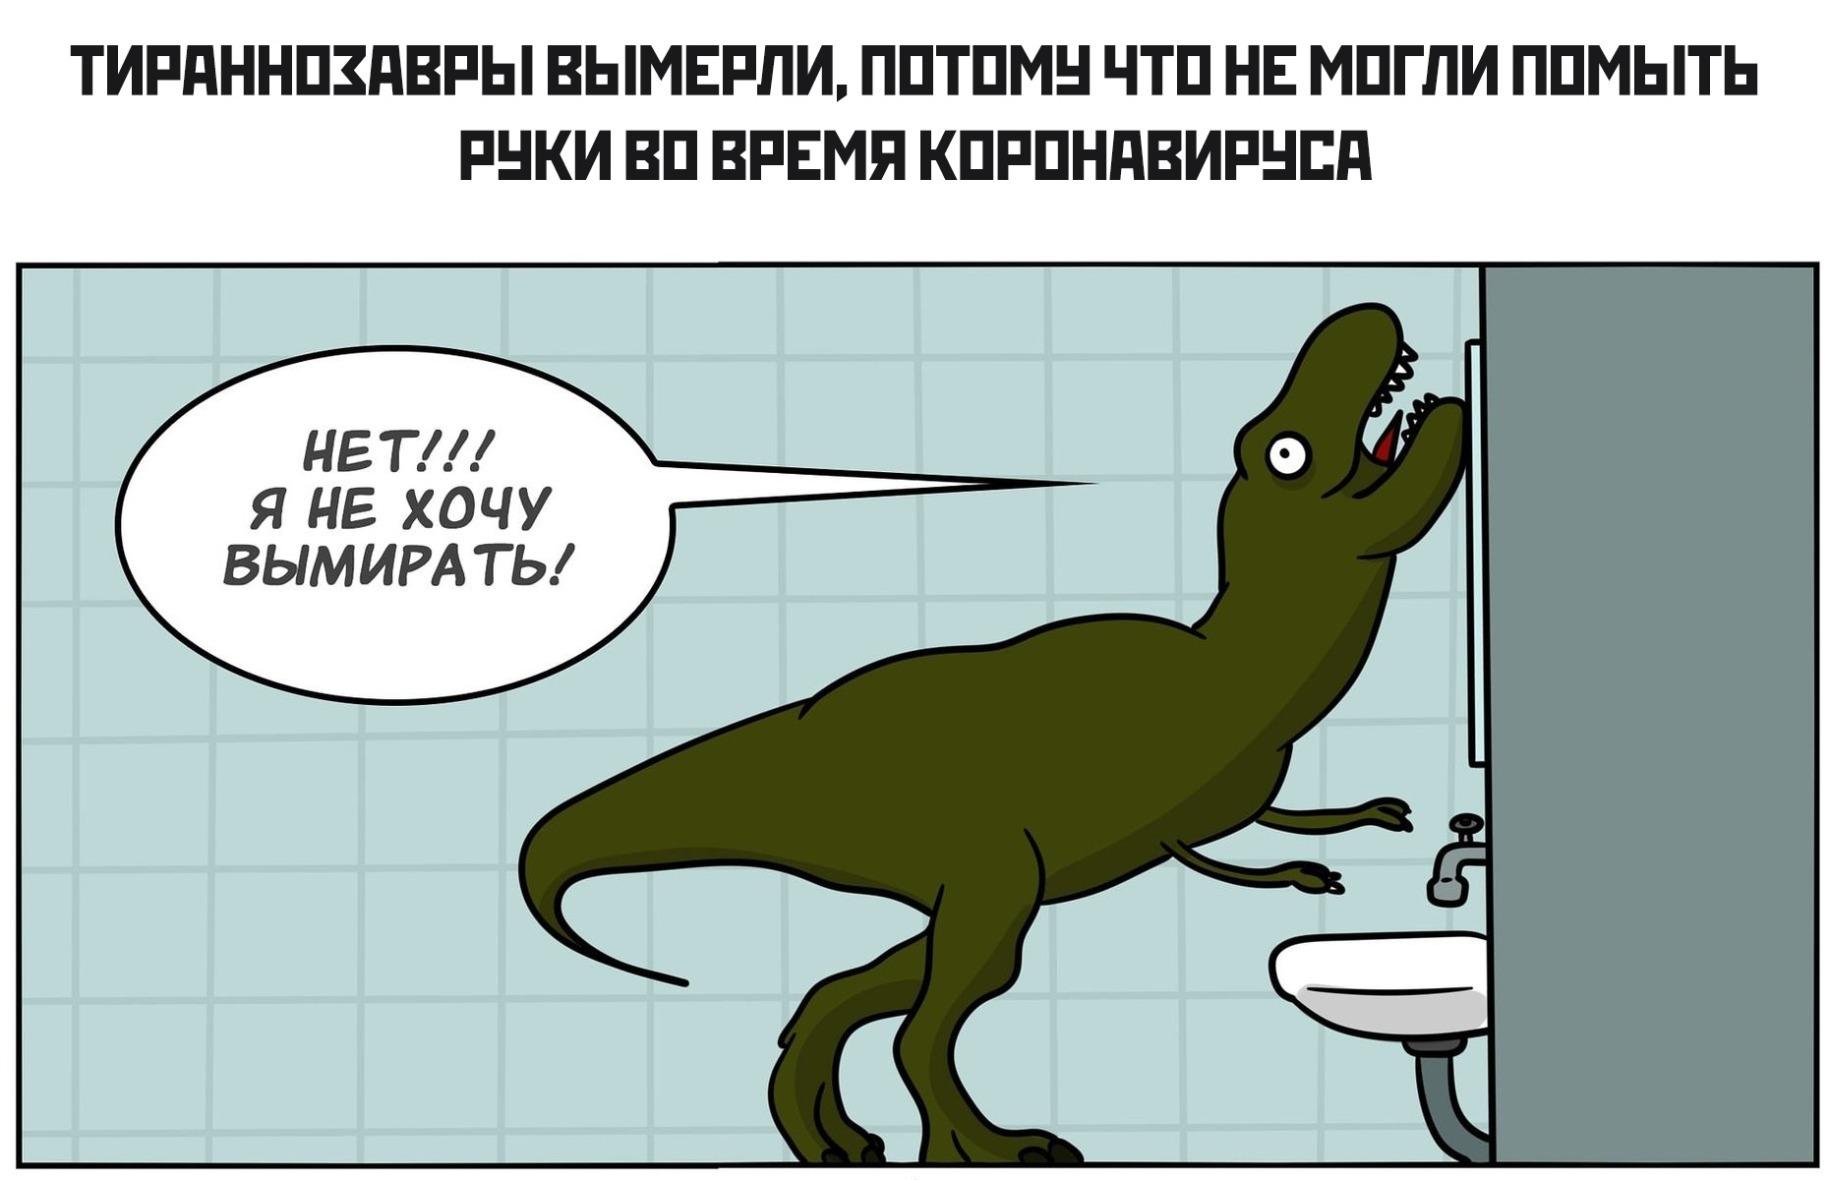 Смешные Анекдоты Коронавирус